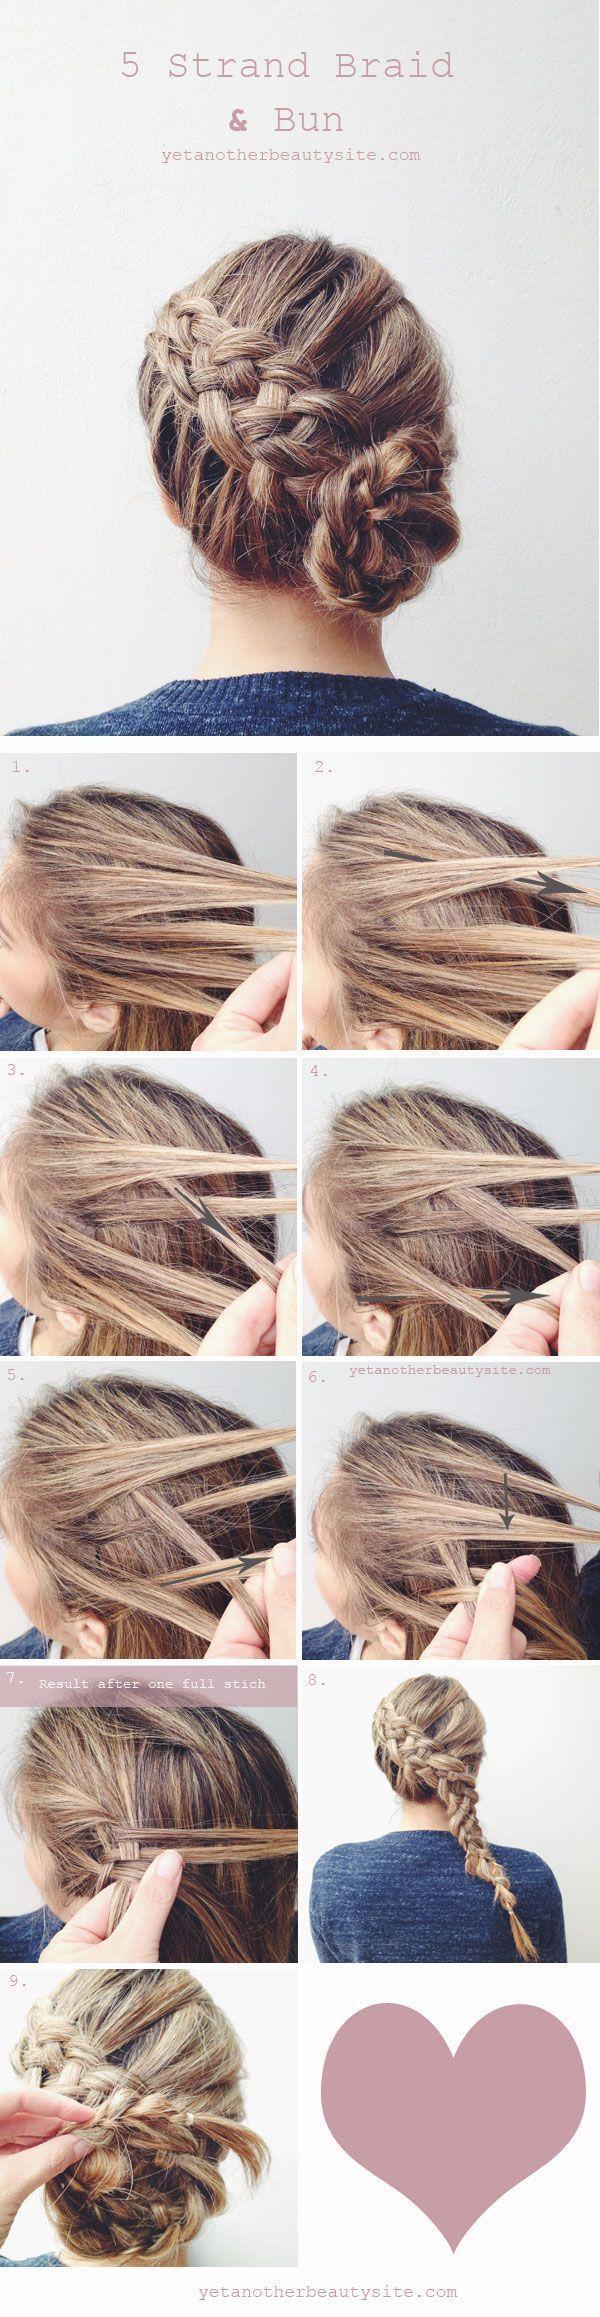 DIY 5 strand braid and bun wedding hairstyles  || Ledyz Fashions | www.ledyzfashions.com